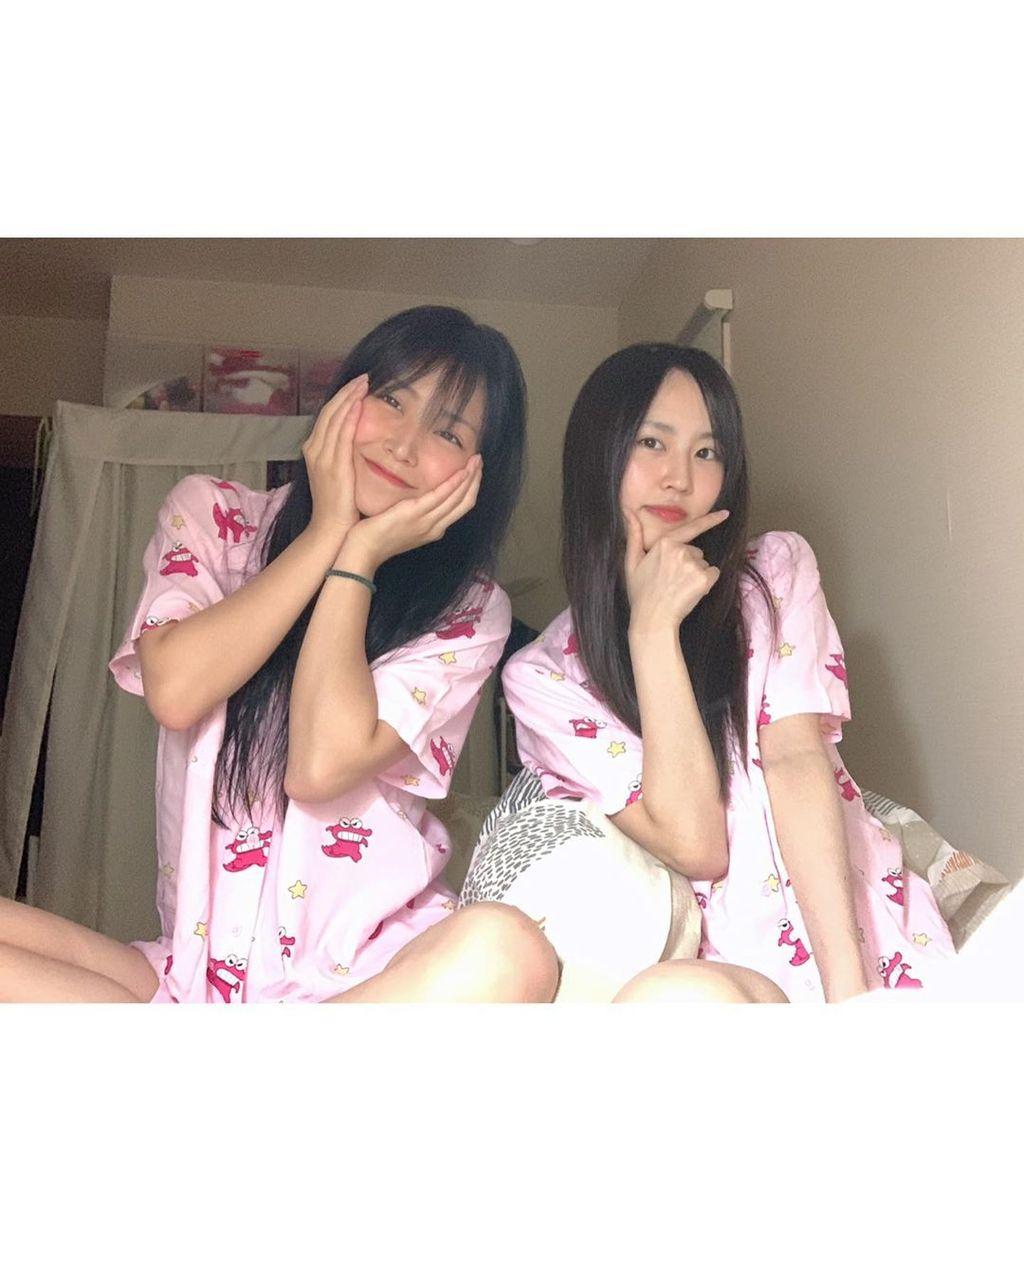 【画像】NMB48なるみるの素っぴんパジャマ(*´Д`)ハァハァ【白間美瑠・古賀成美】